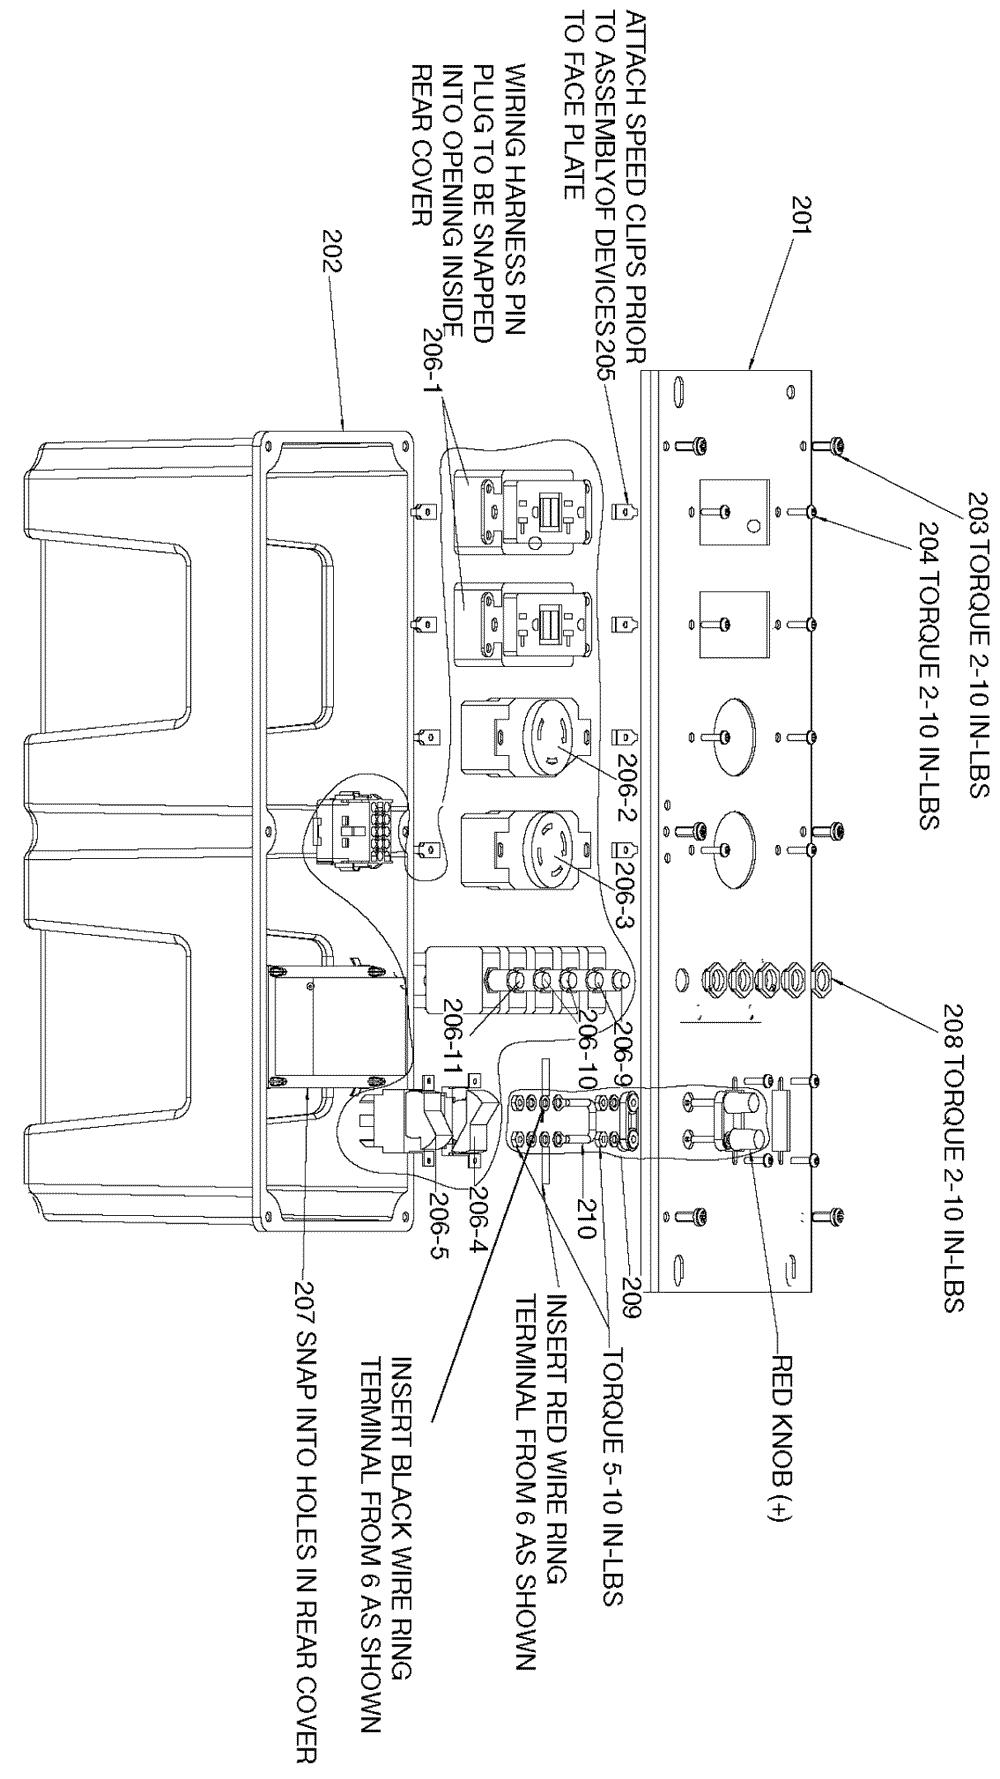 BSV750-W-Portercable-PB-3Break Down